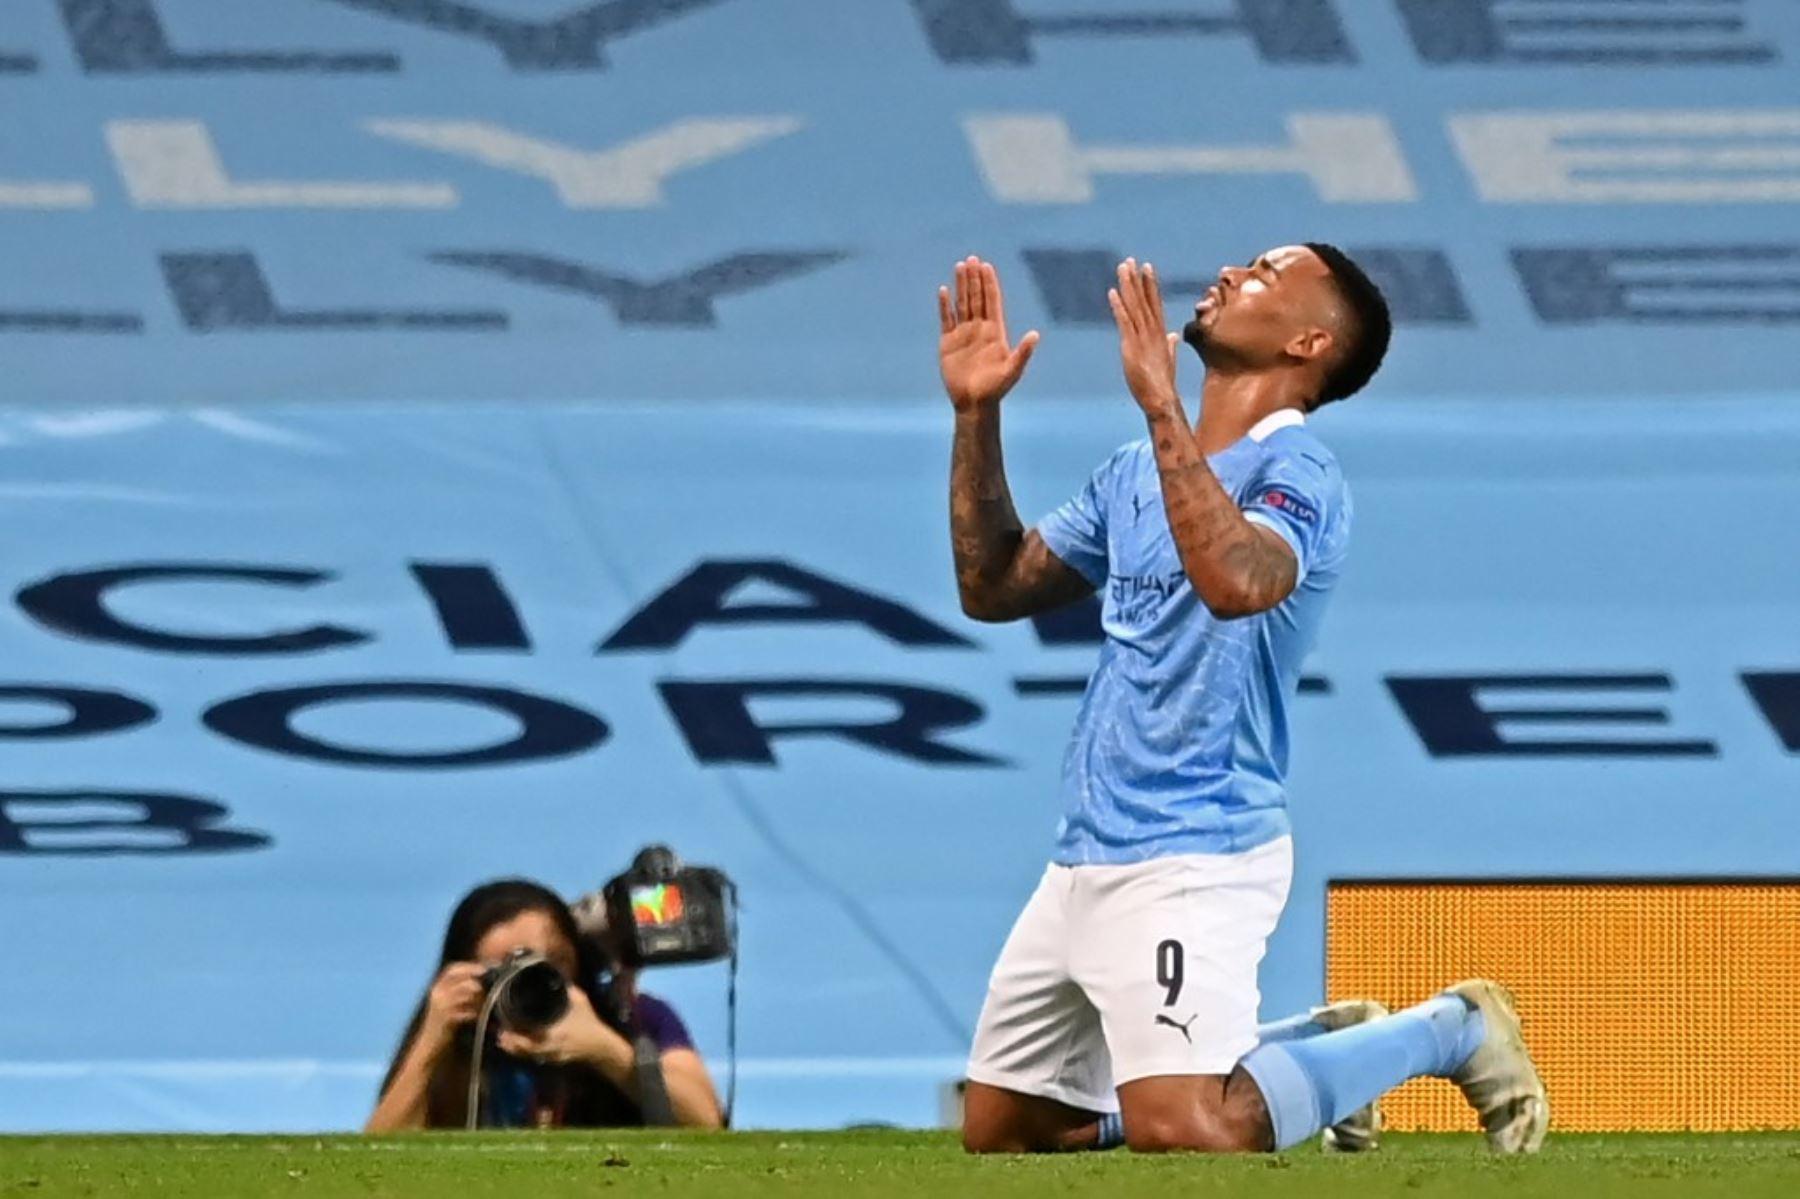 El delantero brasileño del Manchester City, Gabriel Jesus, celebra anotar el segundo gol de su equipo durante la ronda de la Liga de Campeones de la UEFA .Foto:AFP